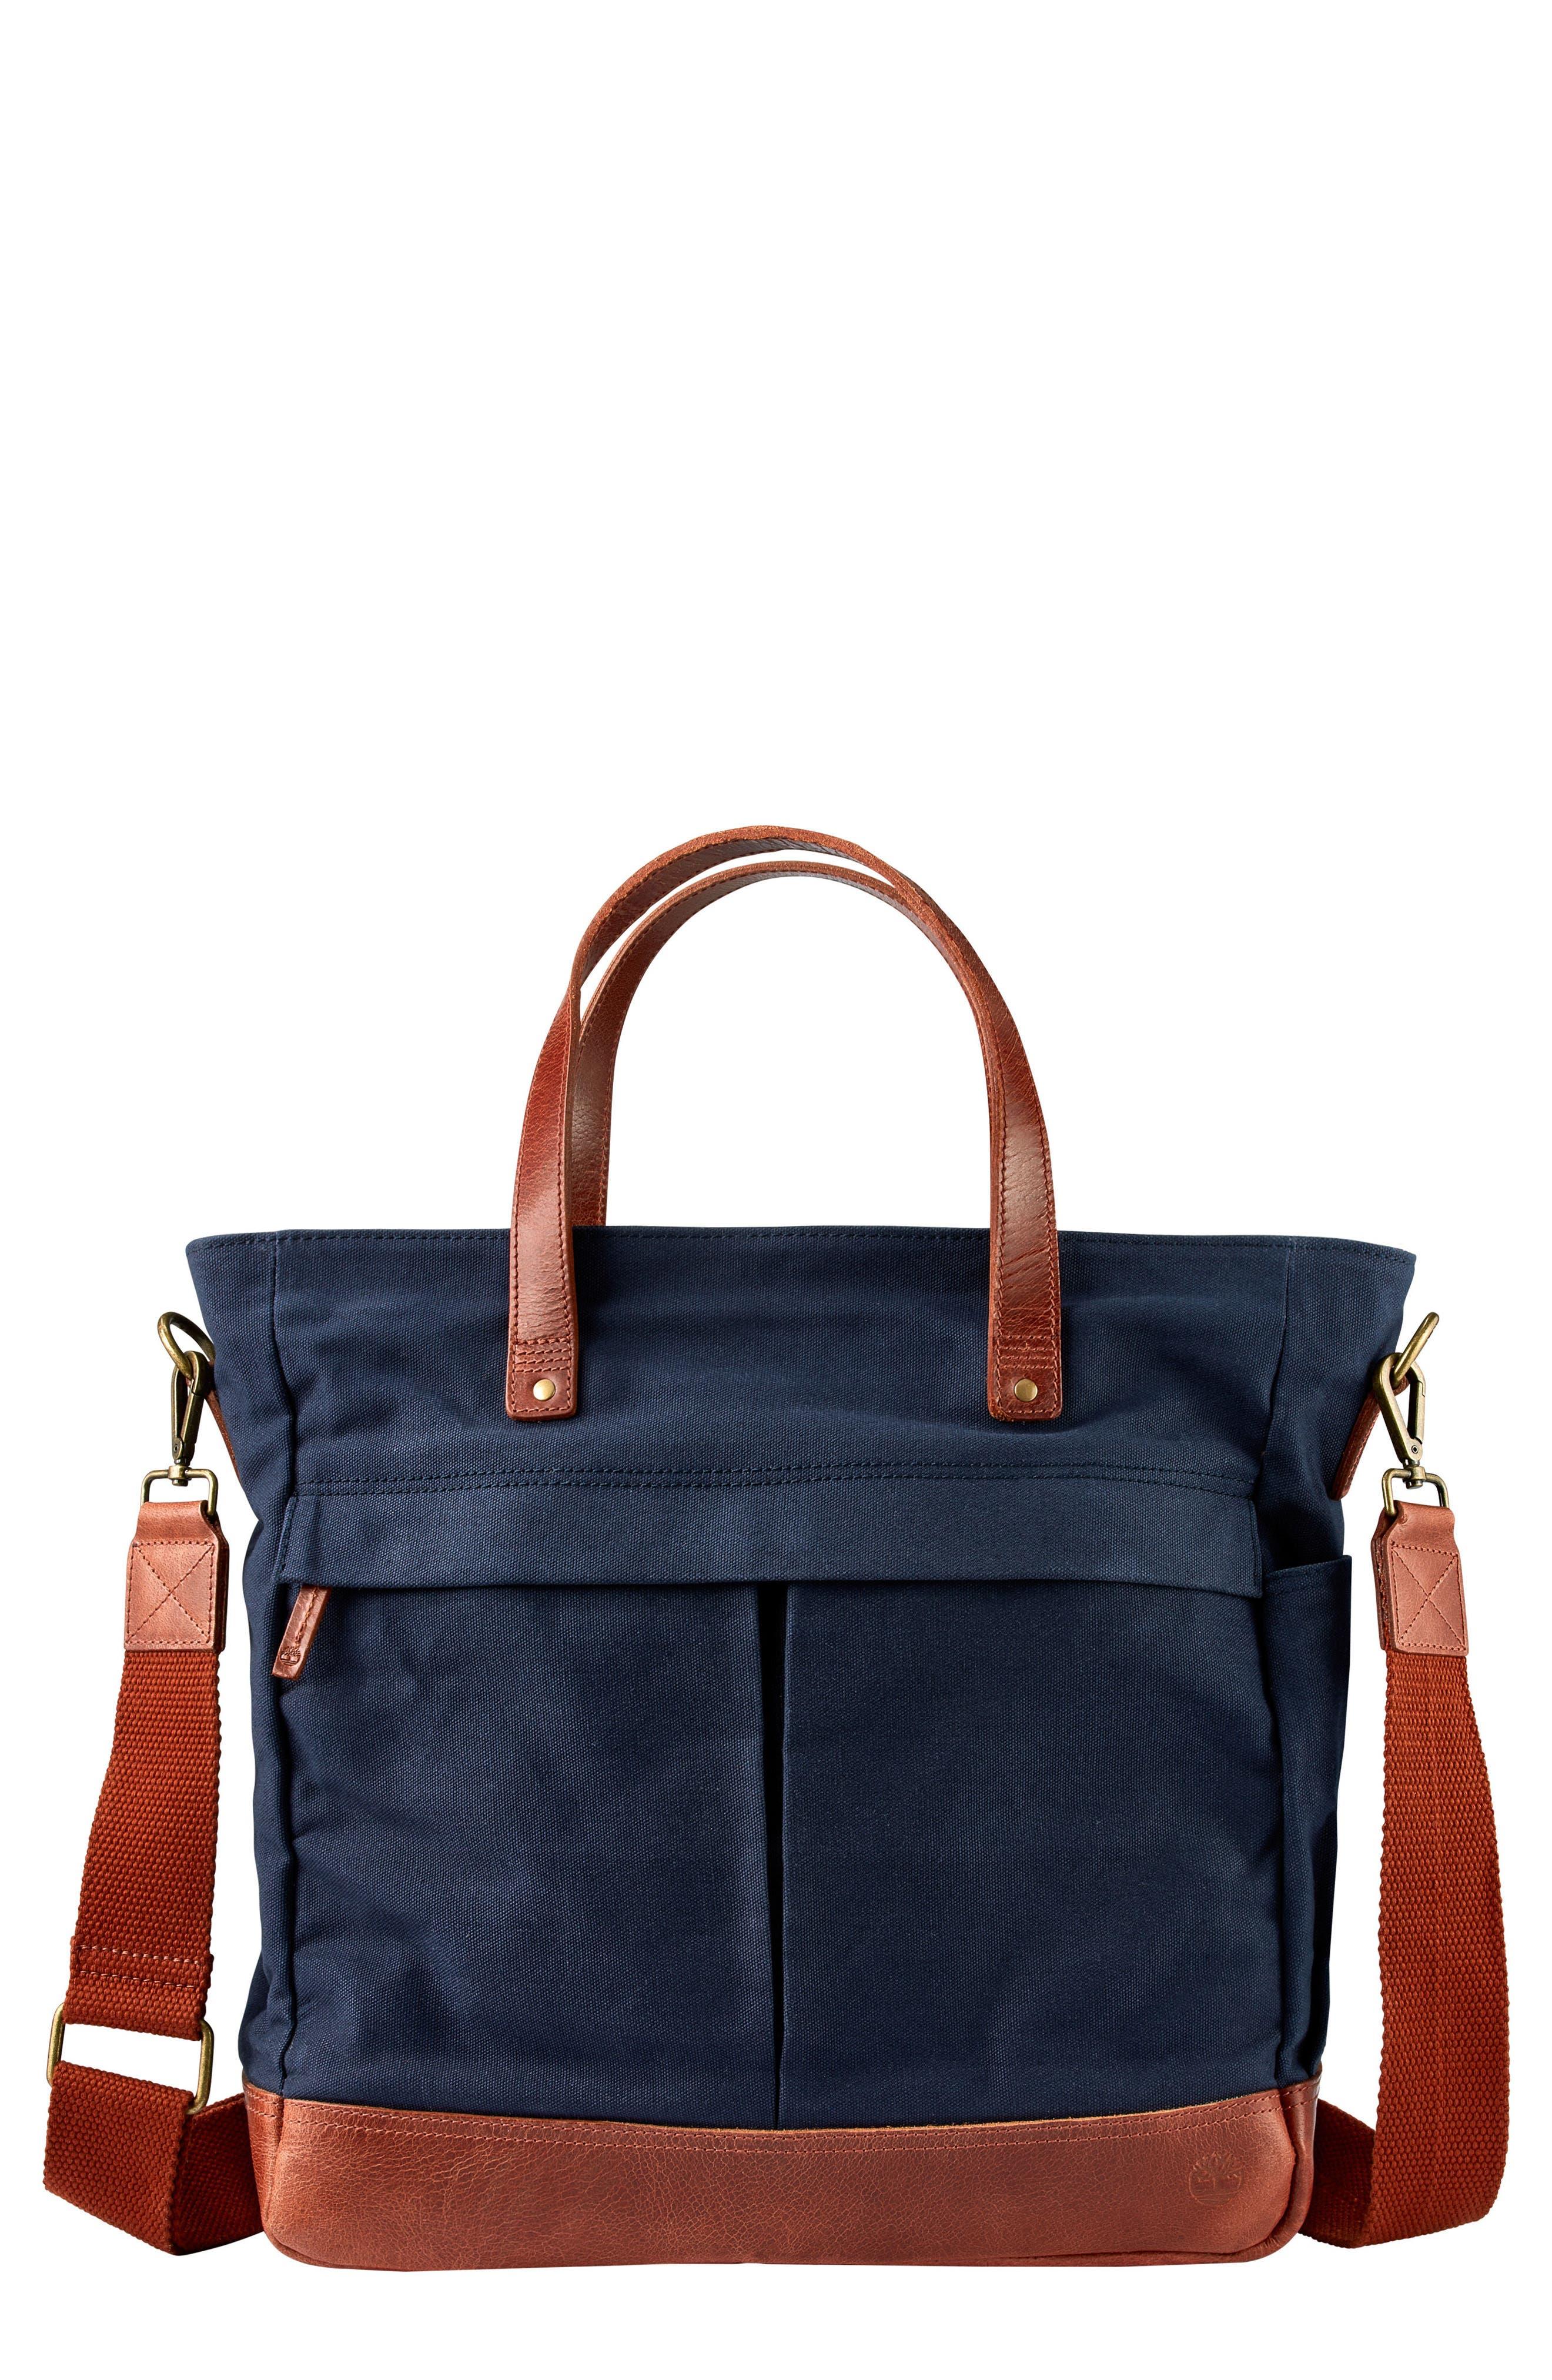 Nantasket Tote Bag,                         Main,                         color, Black Iris